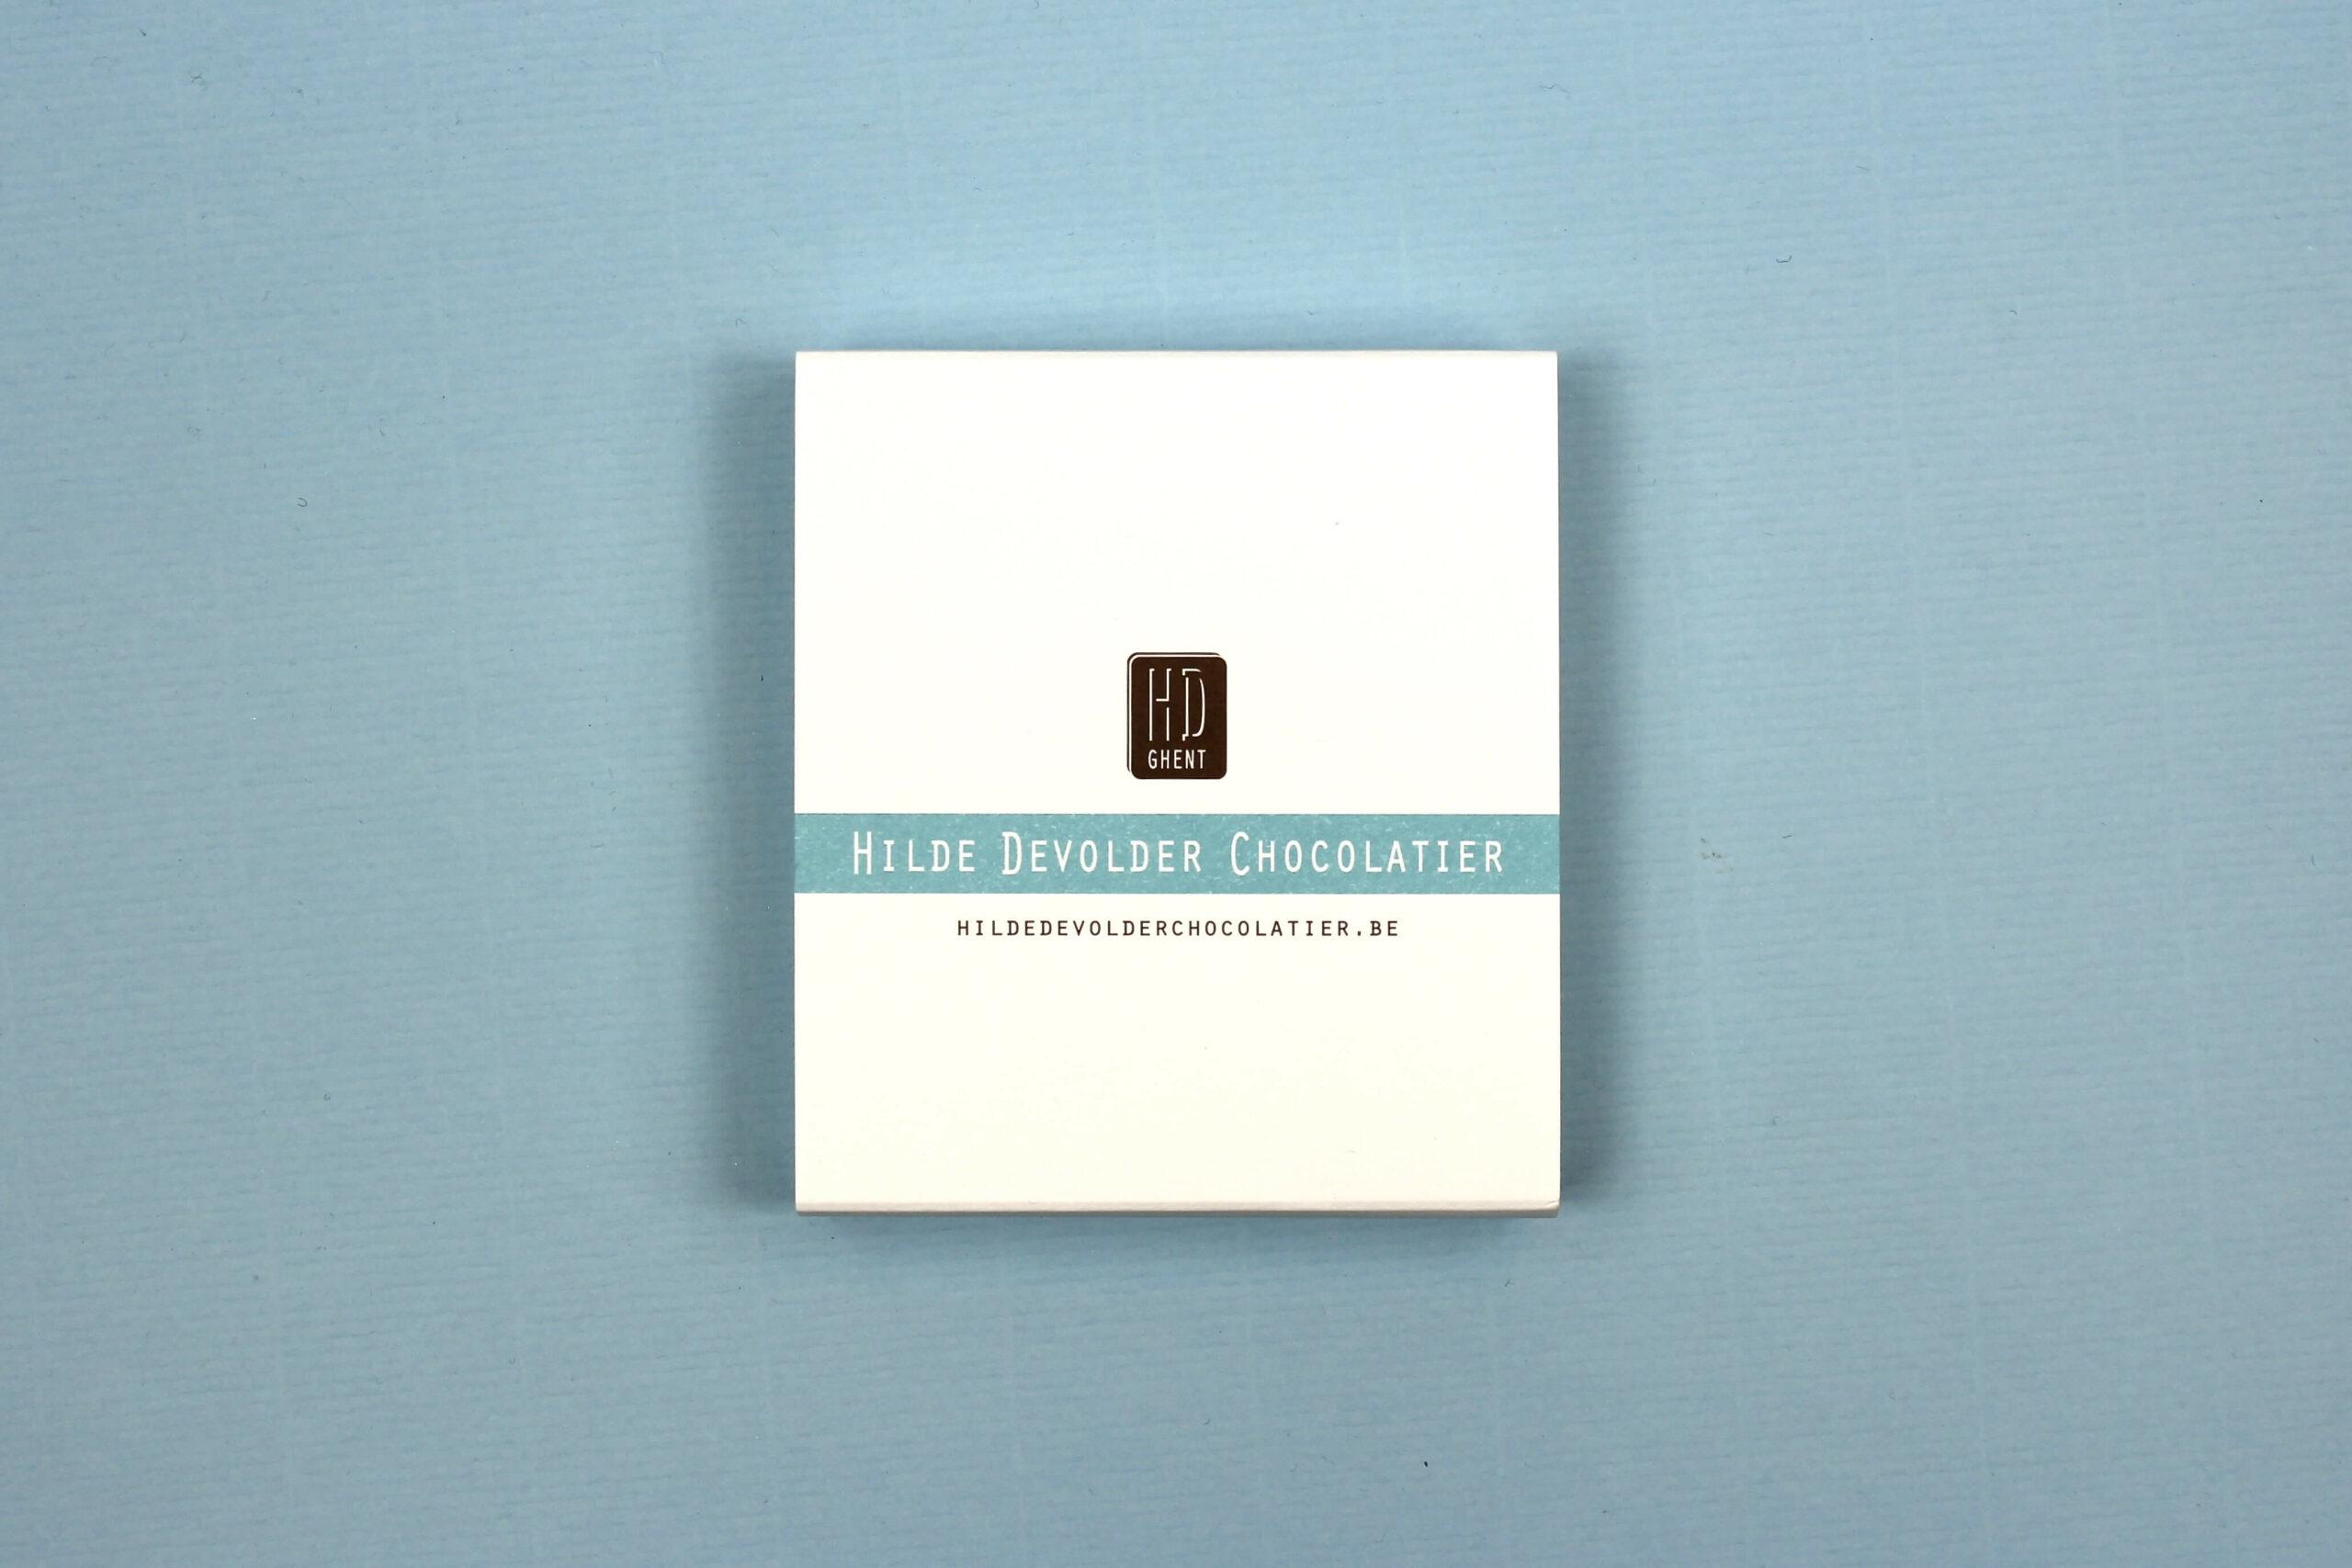 hd ghent by hilde devolder chocolatier box 15 -16